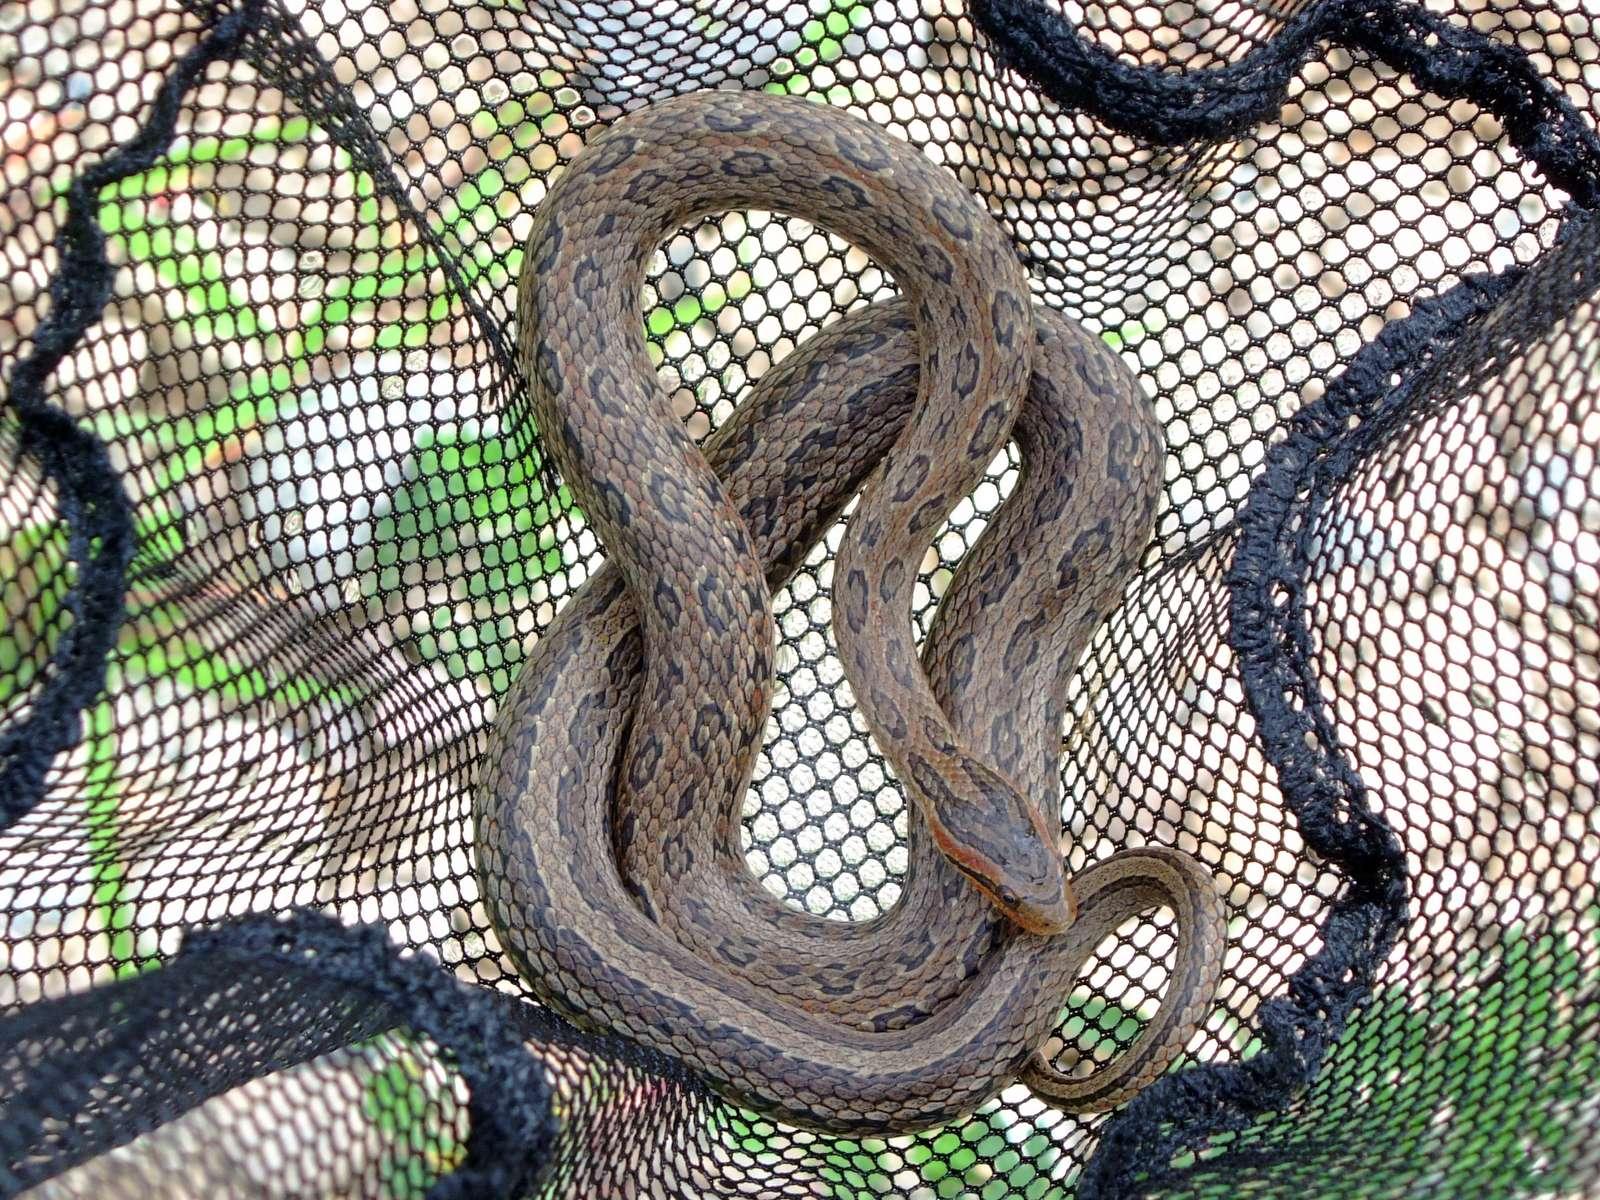 무자치(ムジャチ 和名ミズナメラ Elaphe rufodorsata)